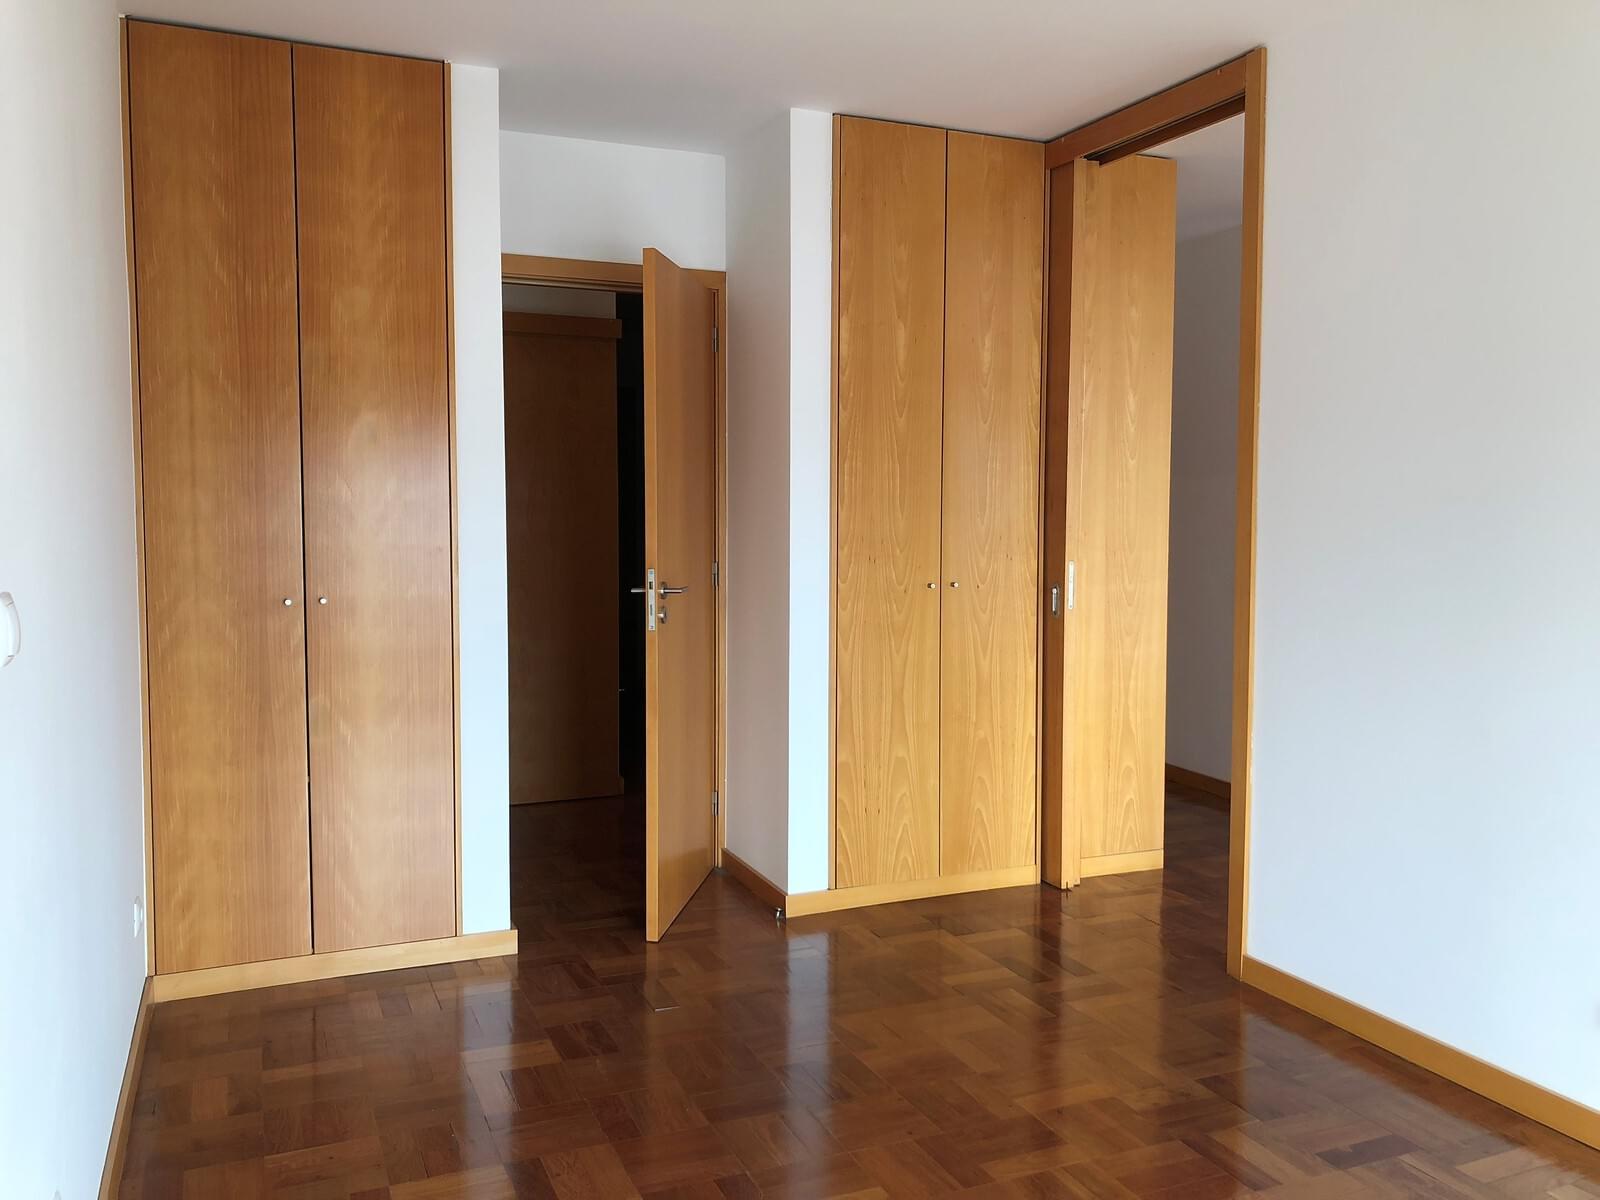 pf18040-apartamento-t3-lisboa-2301fd3d-0a28-47aa-b498-84ed761ecc58